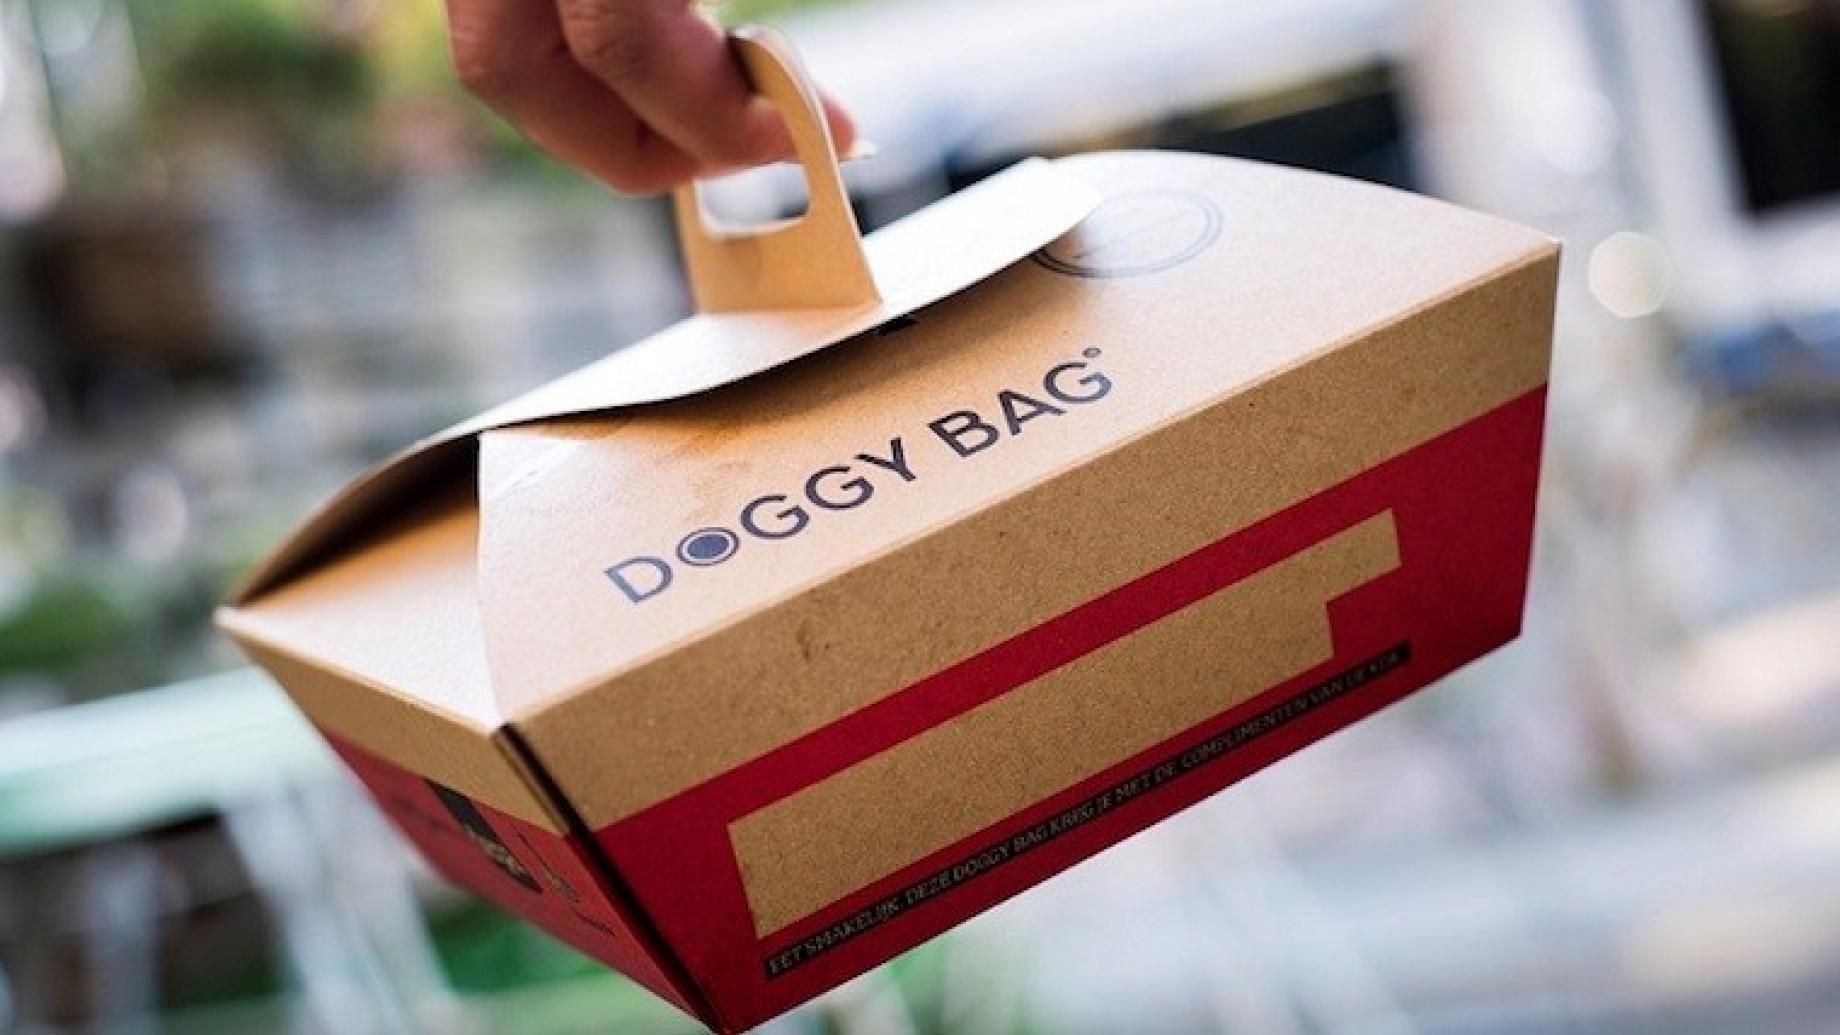 doggy-bag-ristorante-perche-e-importante-chiederla-2